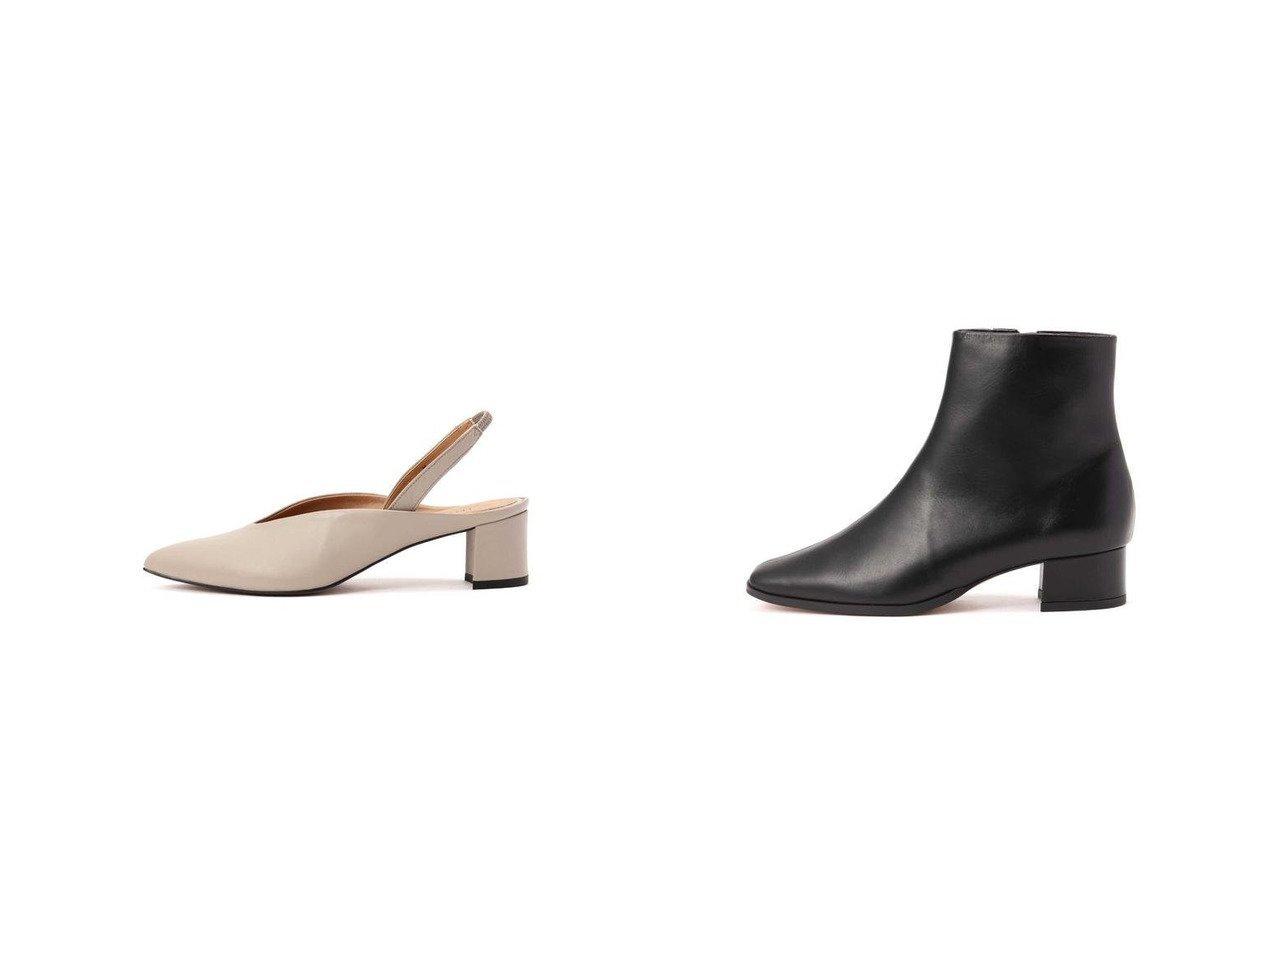 【BOSCH/ボッシュ】のバックスリングミュール&ショートブーツ シューズ・靴のおすすめ!人気、レディースファッションの通販 おすすめで人気のファッション通販商品 インテリア・家具・キッズファッション・メンズファッション・レディースファッション・服の通販 founy(ファニー) https://founy.com/ ファッション Fashion レディース WOMEN カッティング シューズ ショート フィット  ID:crp329100000001573